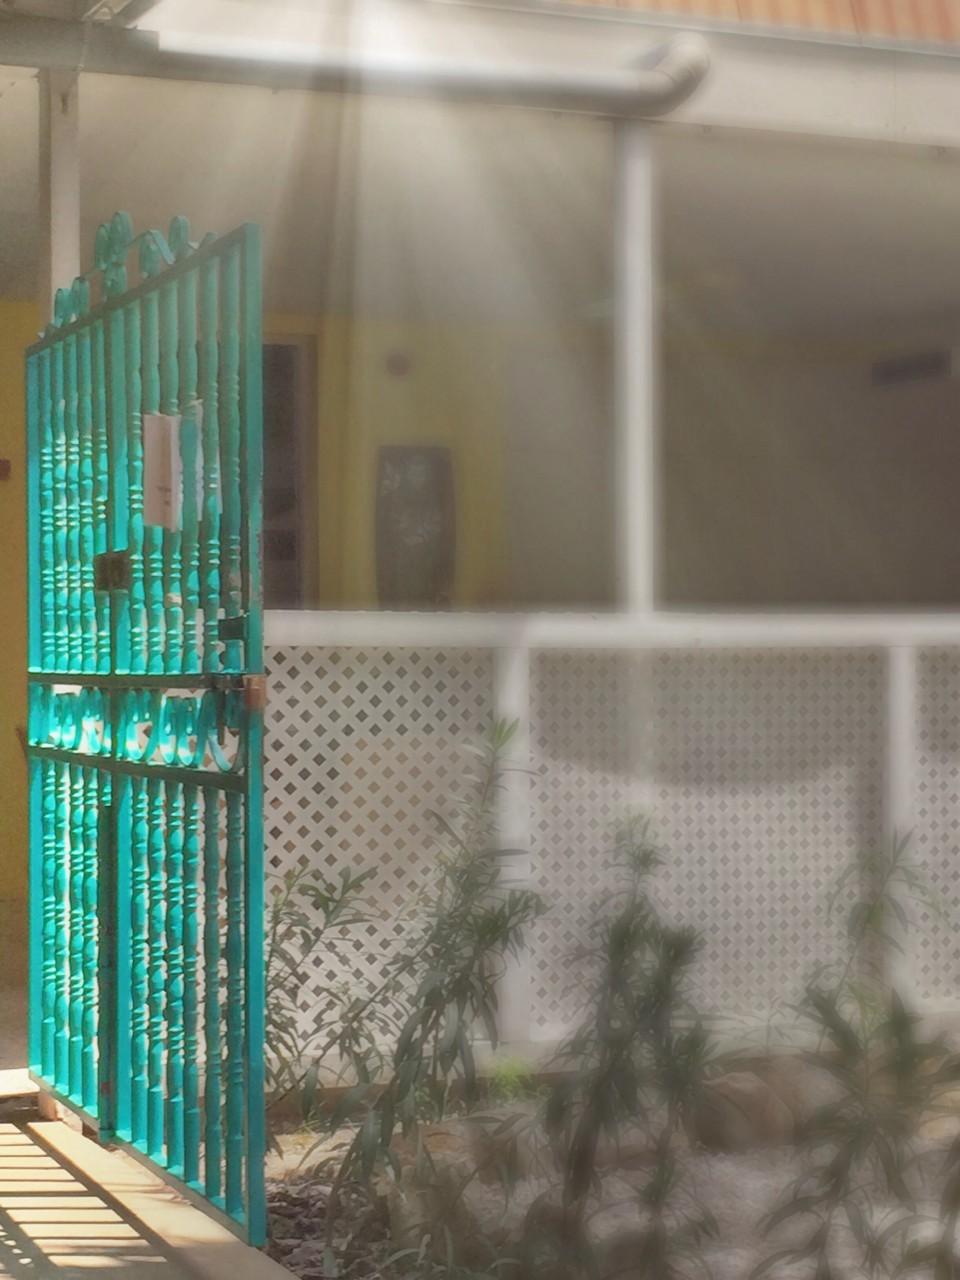 Bonaire gate